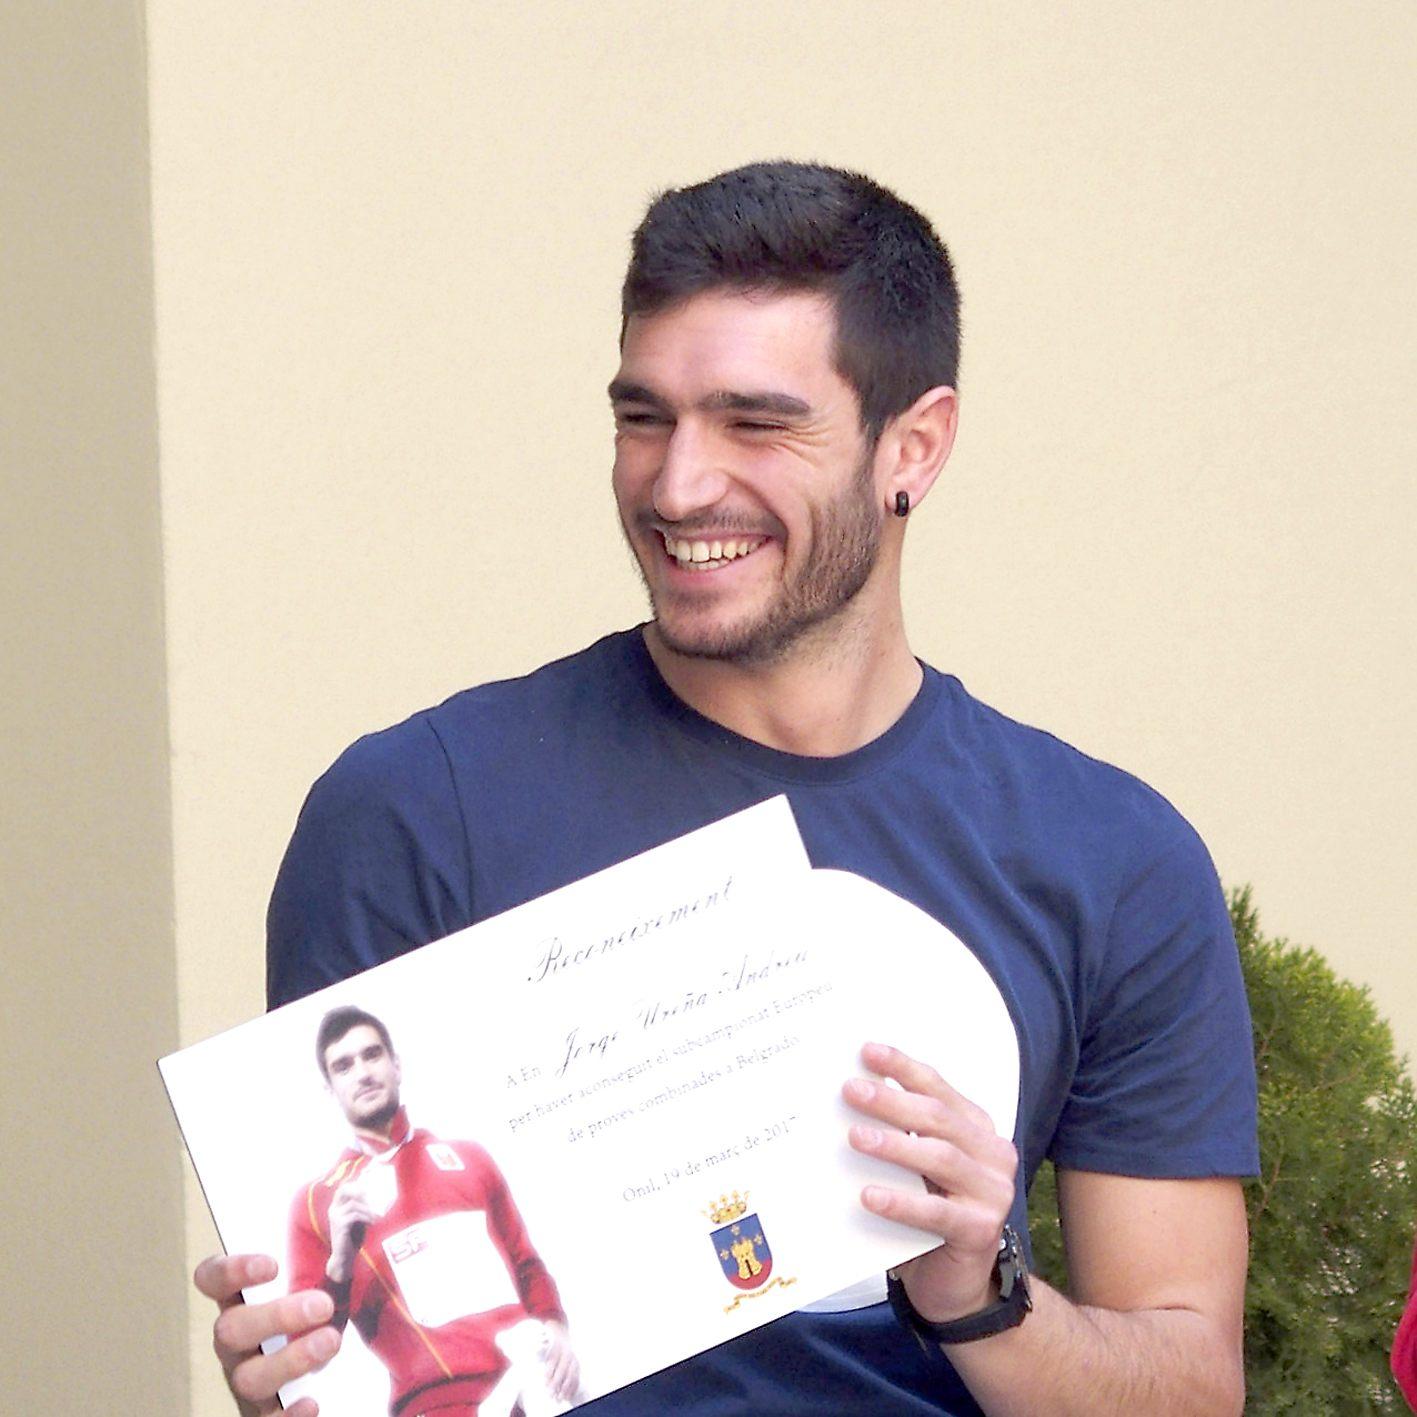 El atleta colivenc Jorge Ureña recibe una ayuda de la Diputación de 900 euros